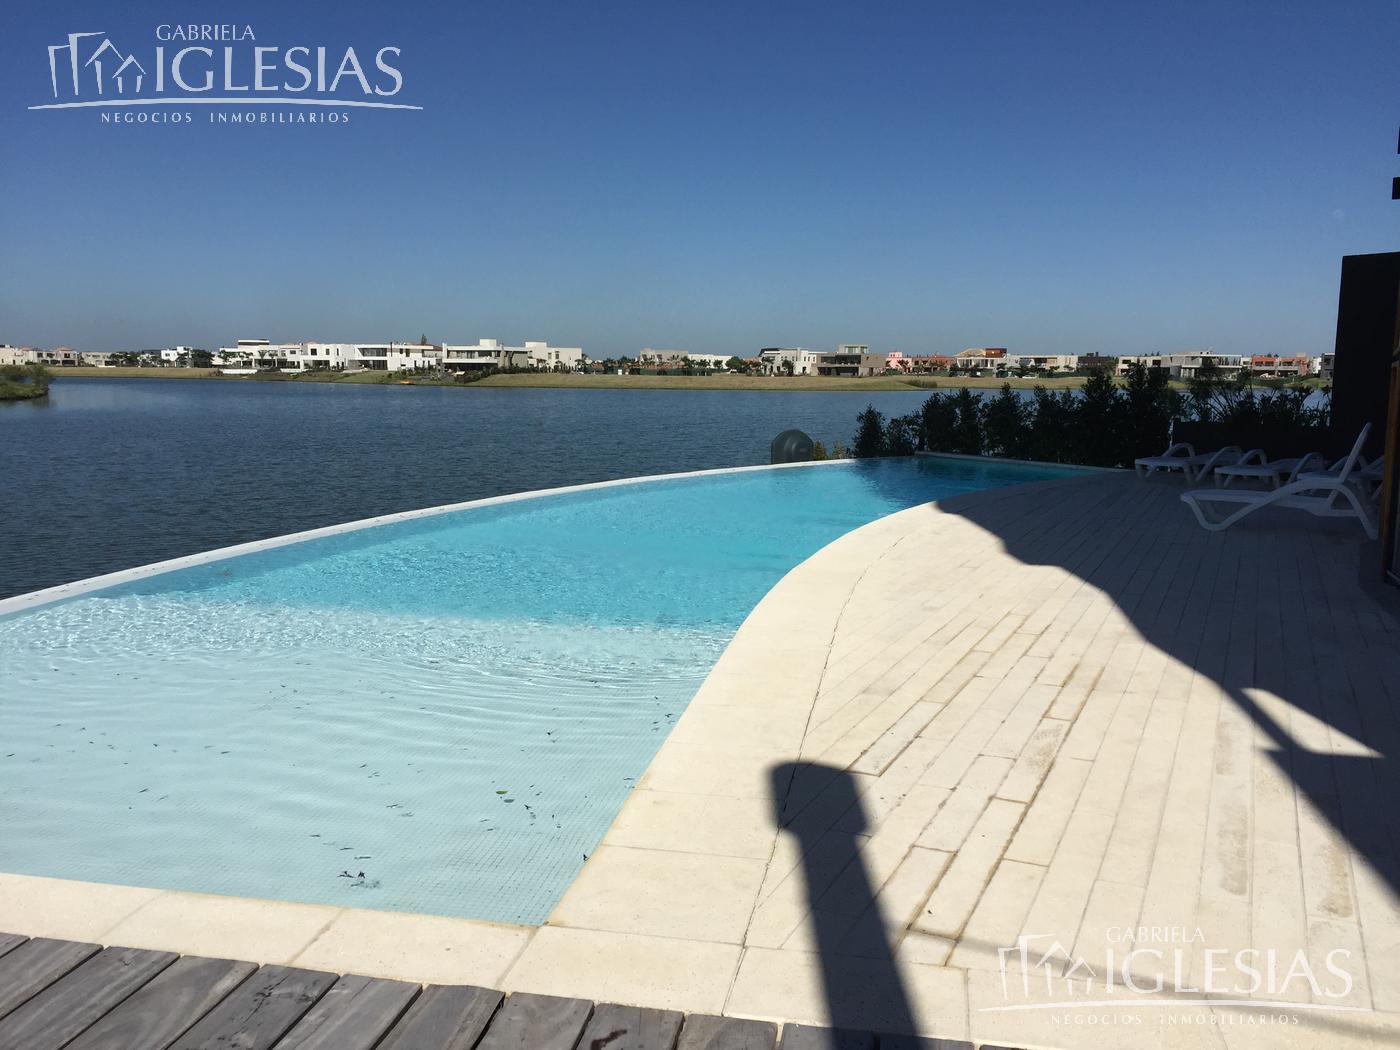 Departamento en Venta Alquiler en La Mansa a Venta - u$s 125.000 Alquiler - $ 7.900